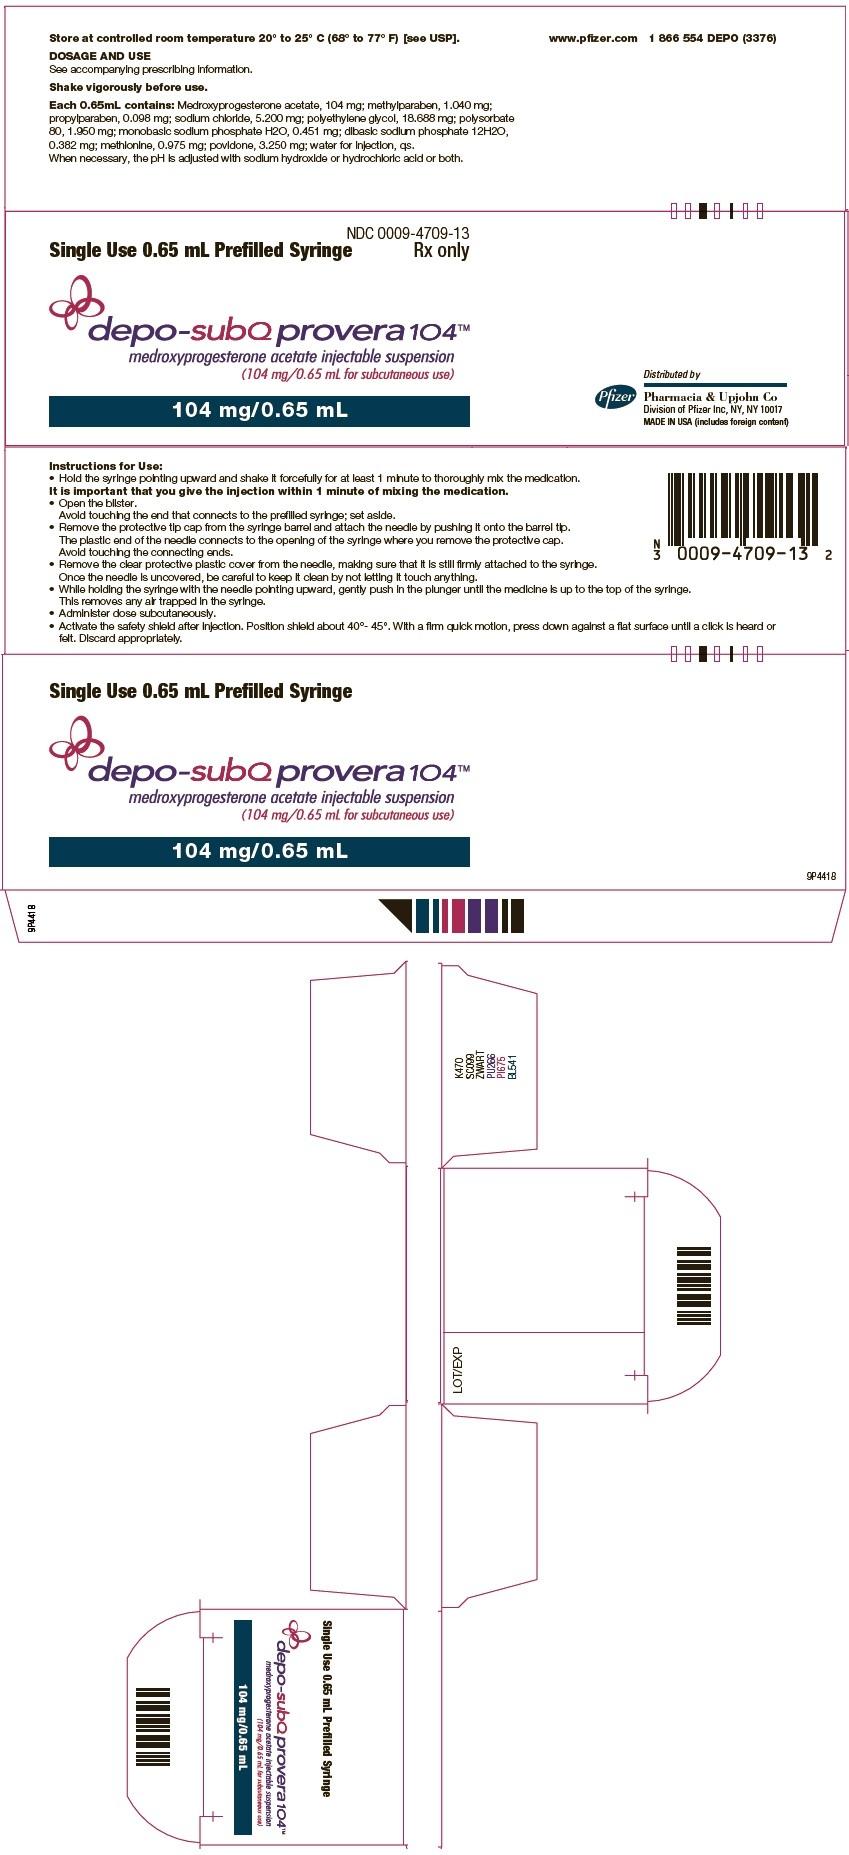 Ndc 0009-4709 Depo-Subq Provera Medroxyprogesterone Acetate  Ndc Code Depo Provera 2020